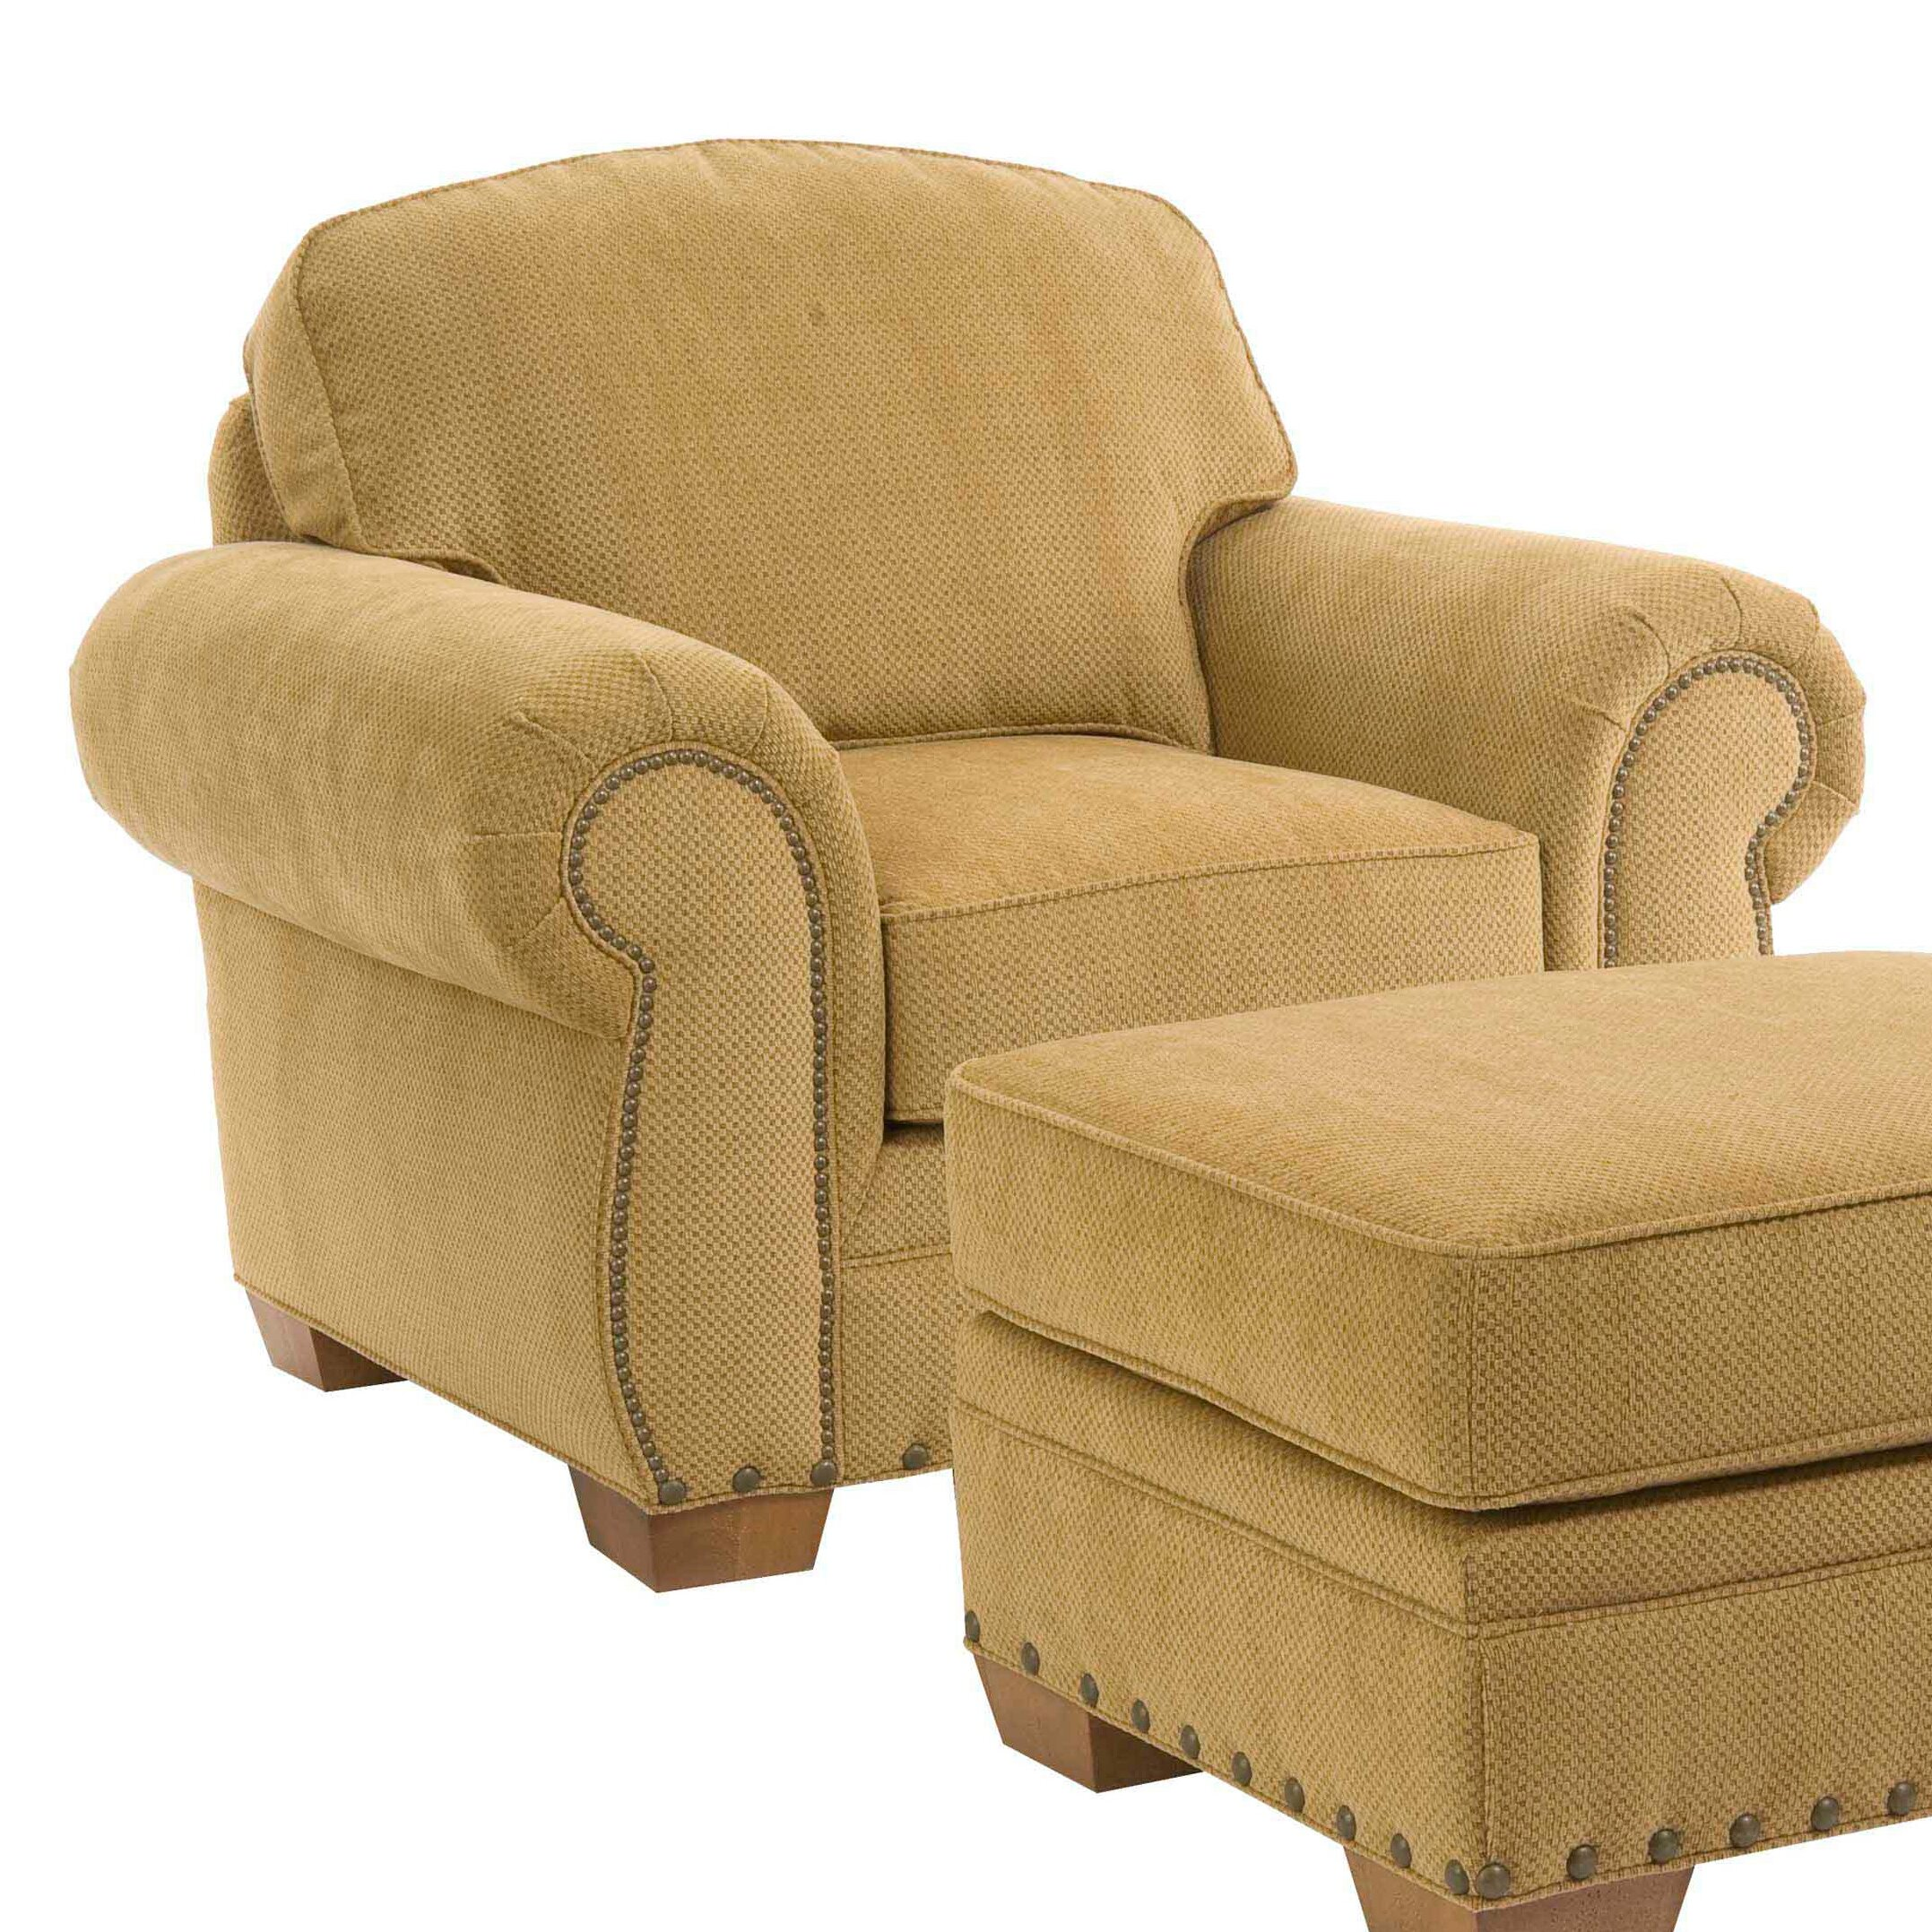 Broyhill Armchair: Broyhill® Cambridge Arm Chair